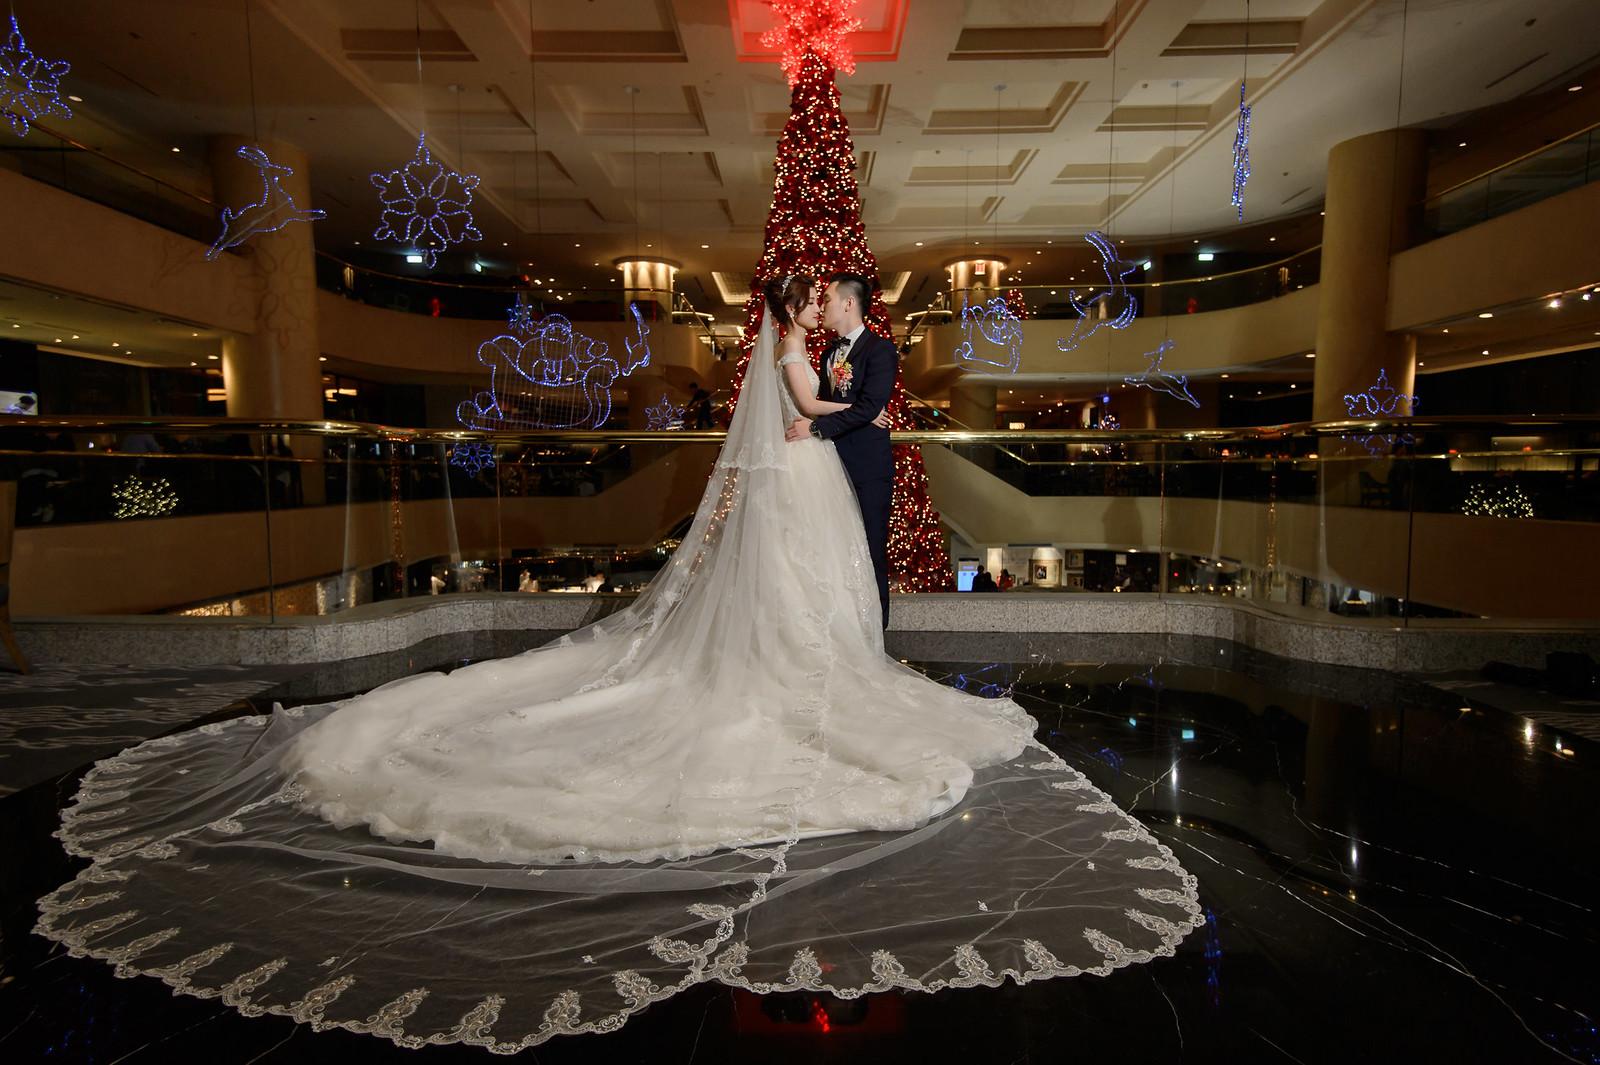 台北婚攝, 婚禮攝影, 婚攝, 婚攝守恆, 婚攝推薦, 晶華酒店, 晶華酒店婚宴, 晶華酒店婚攝-82